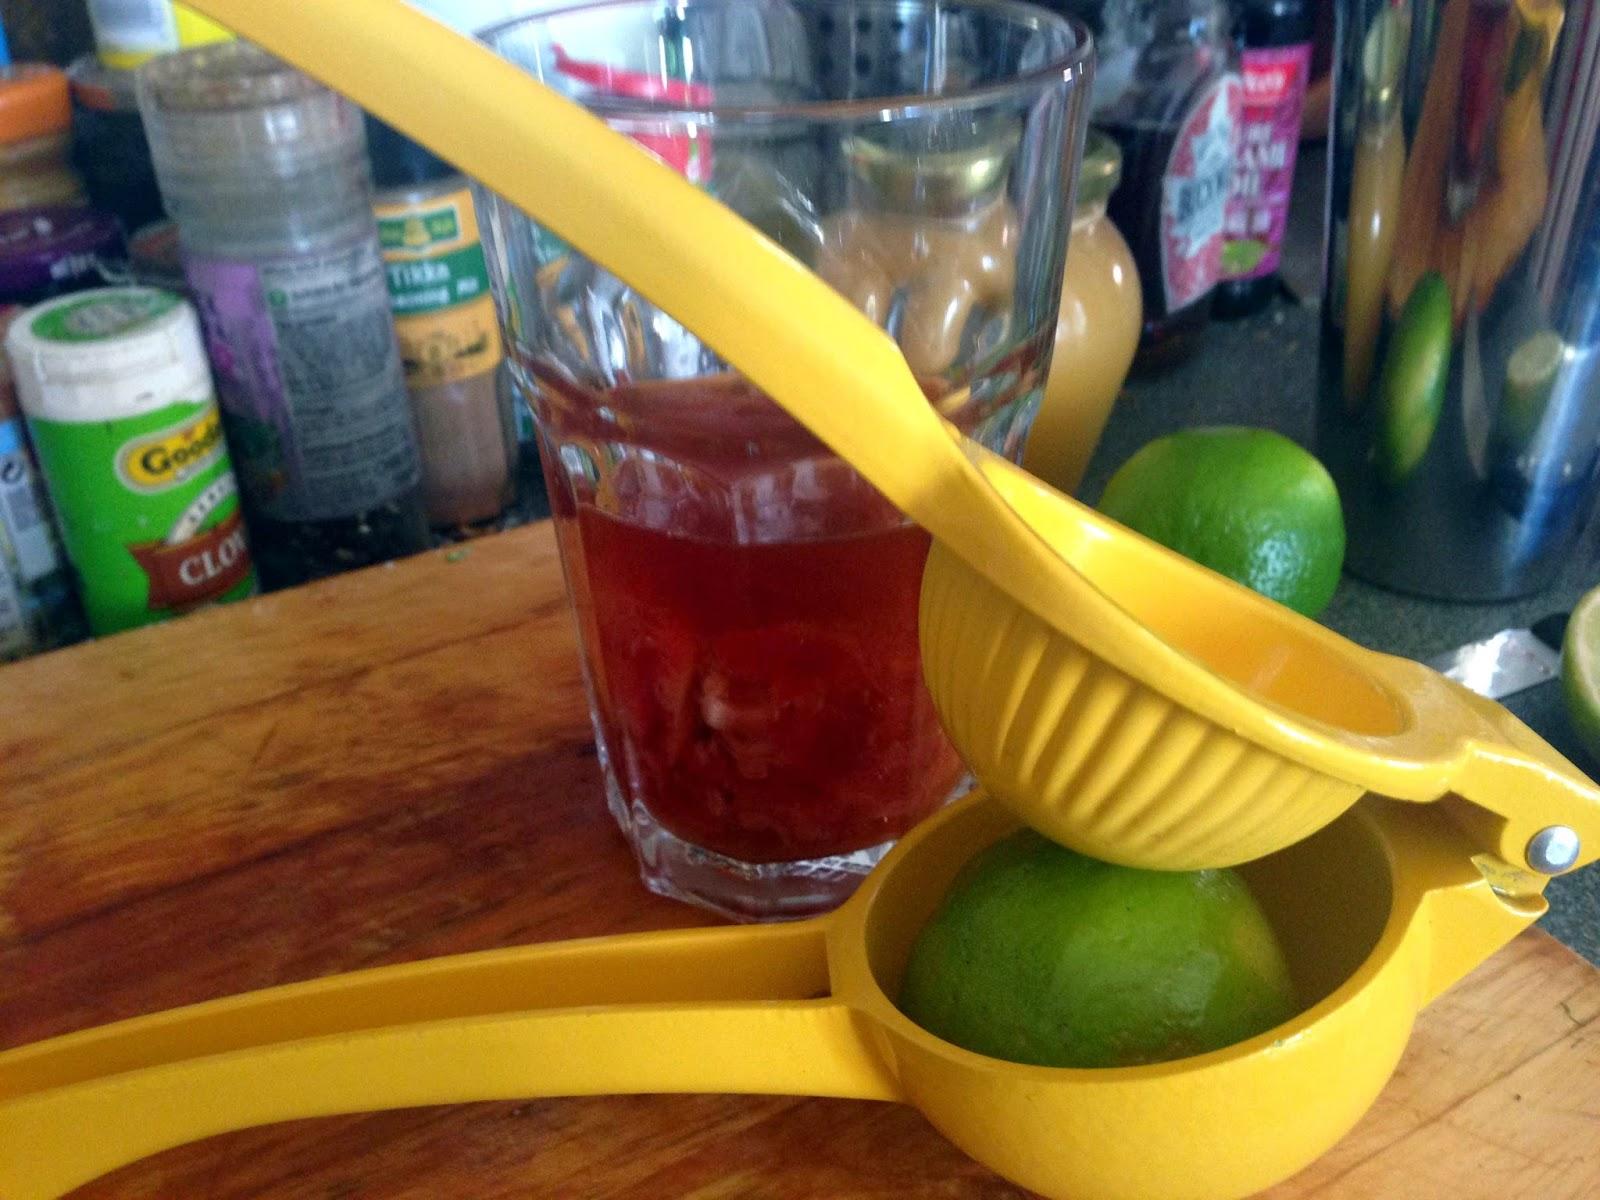 Stitch & Bear - Strawberry daiquiri - Mix